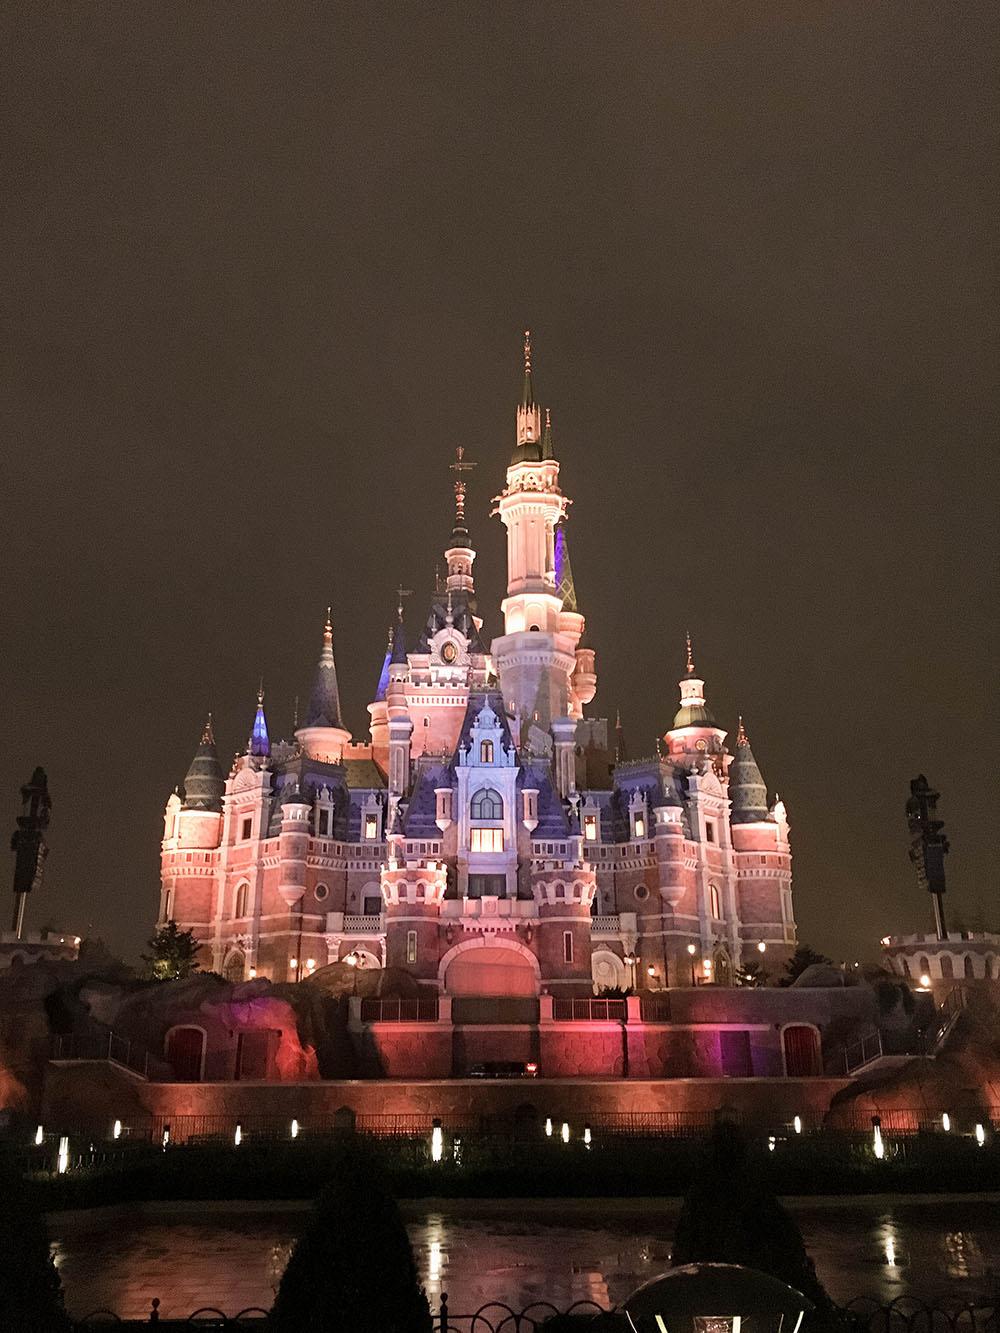 shanghaidisney_castlefireworks9